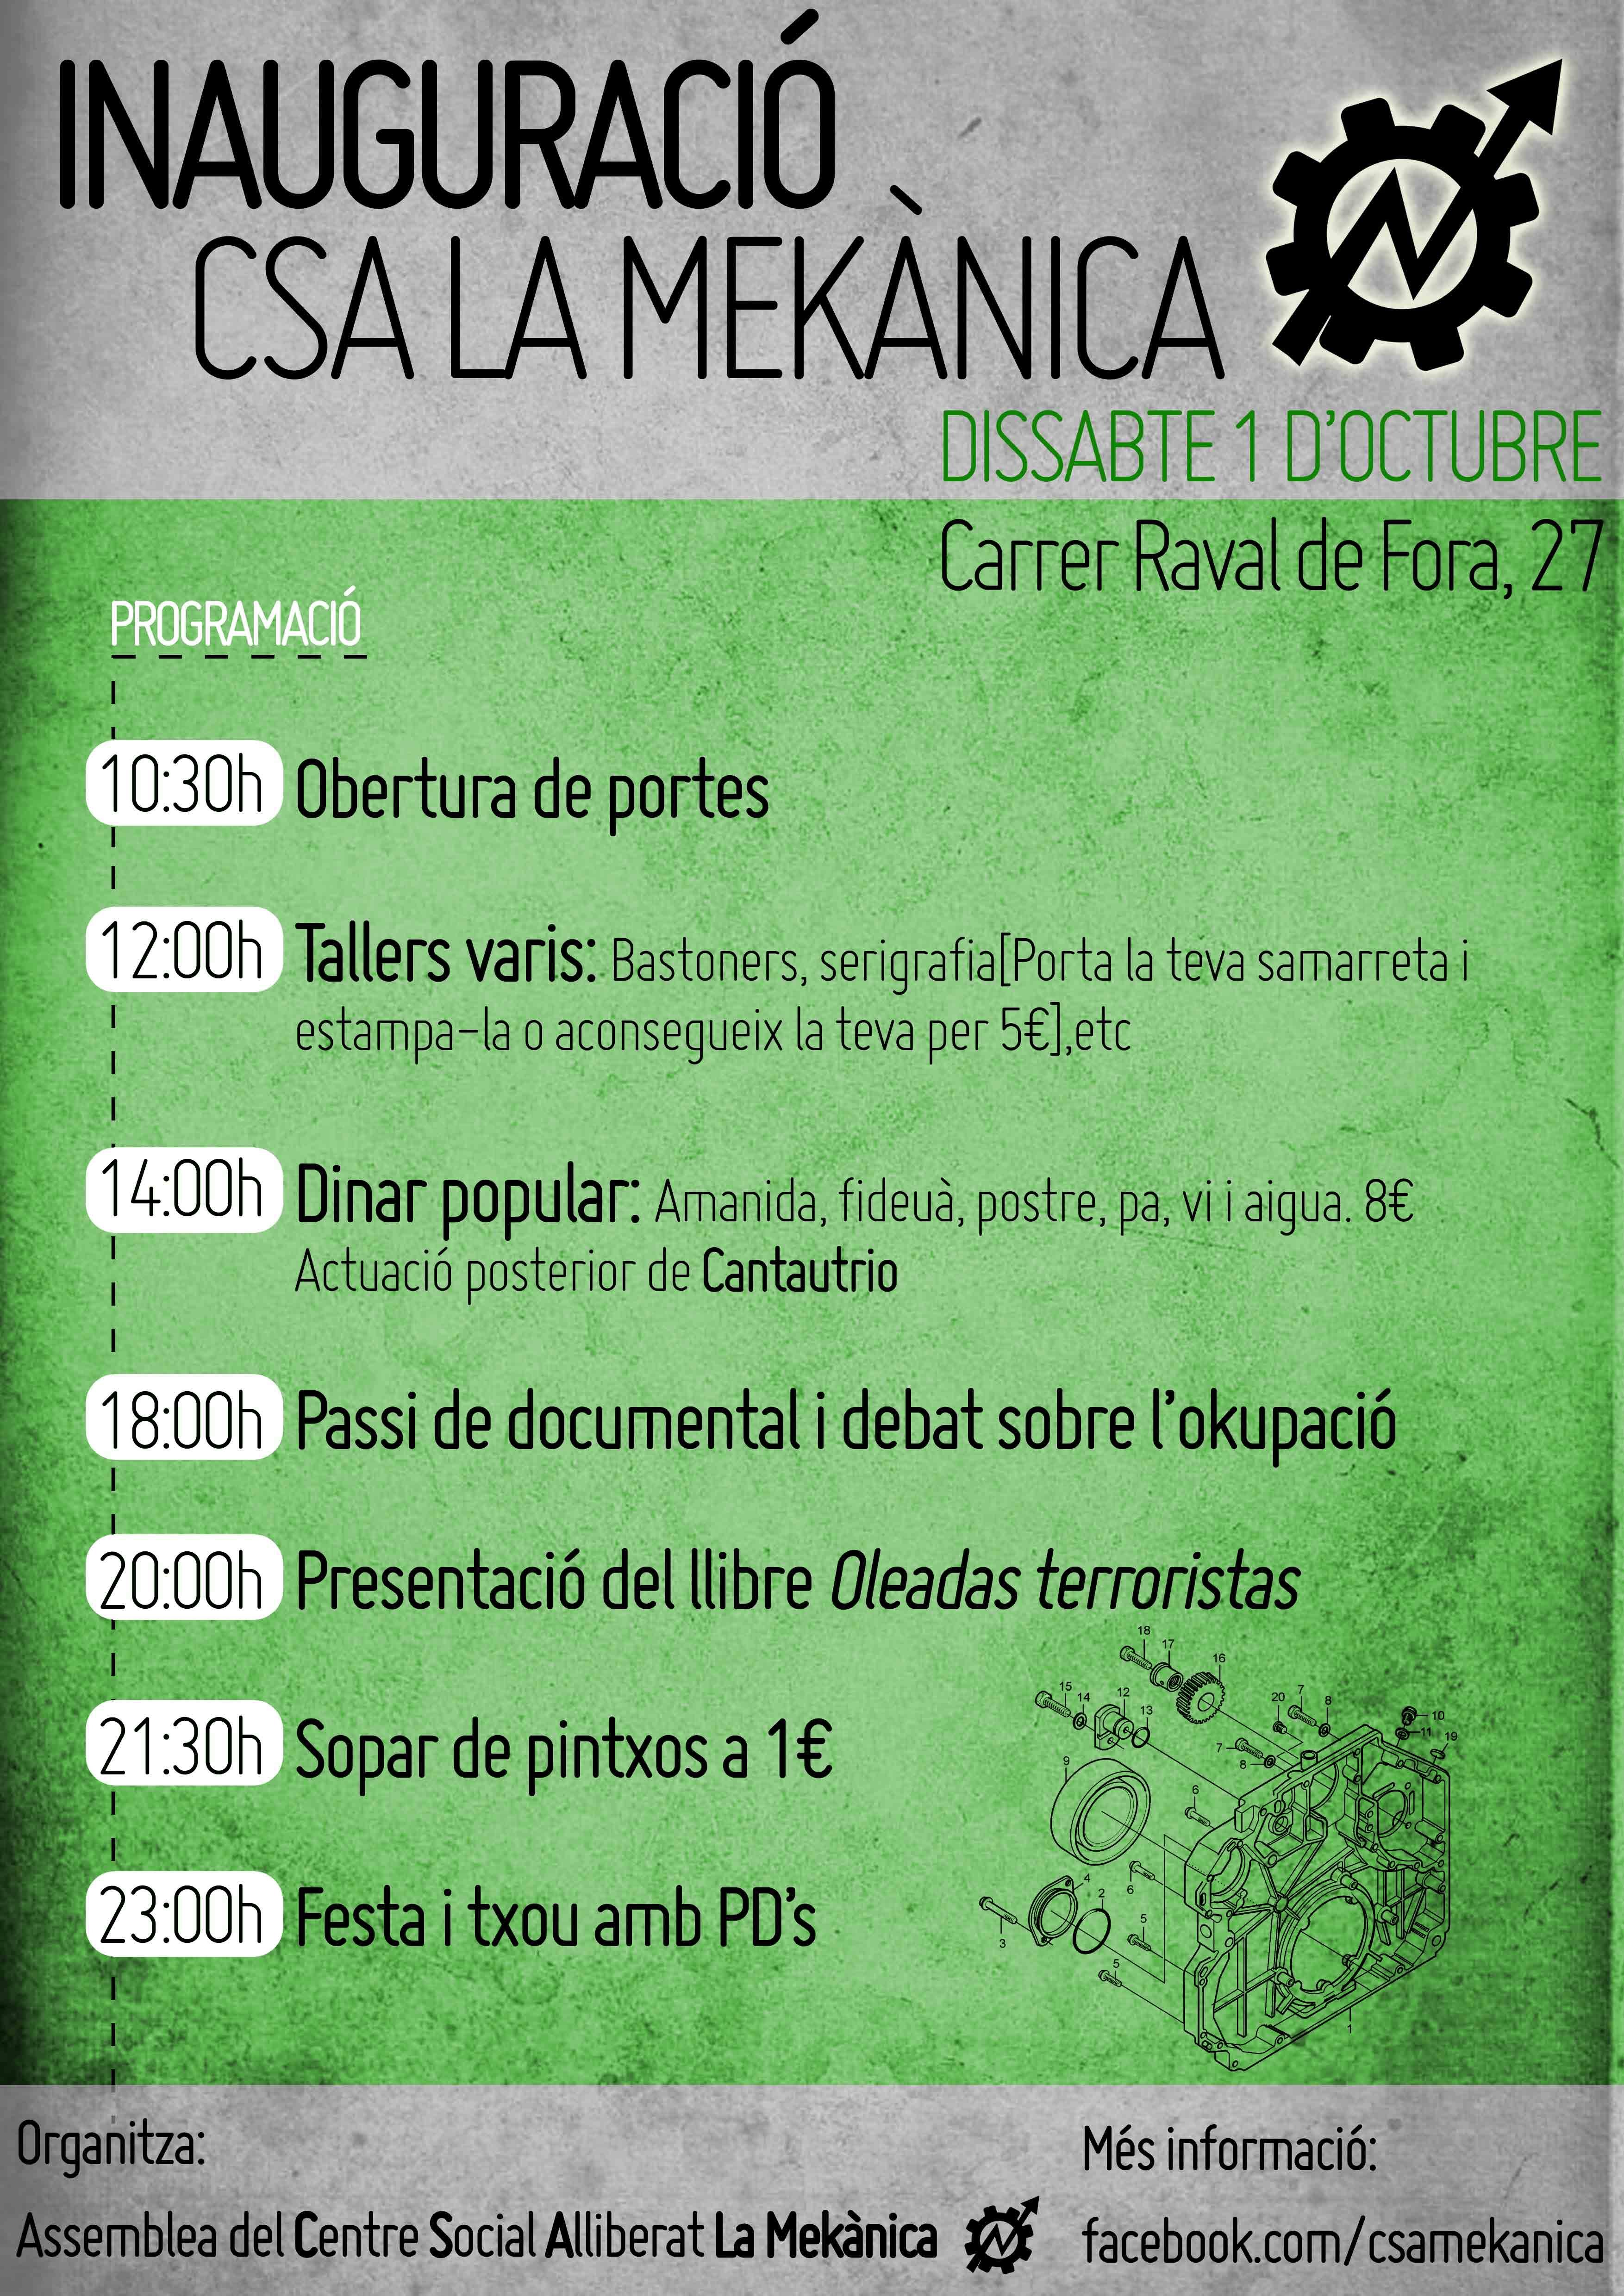 Inauguració del CSA La Mekànica de Sabadell